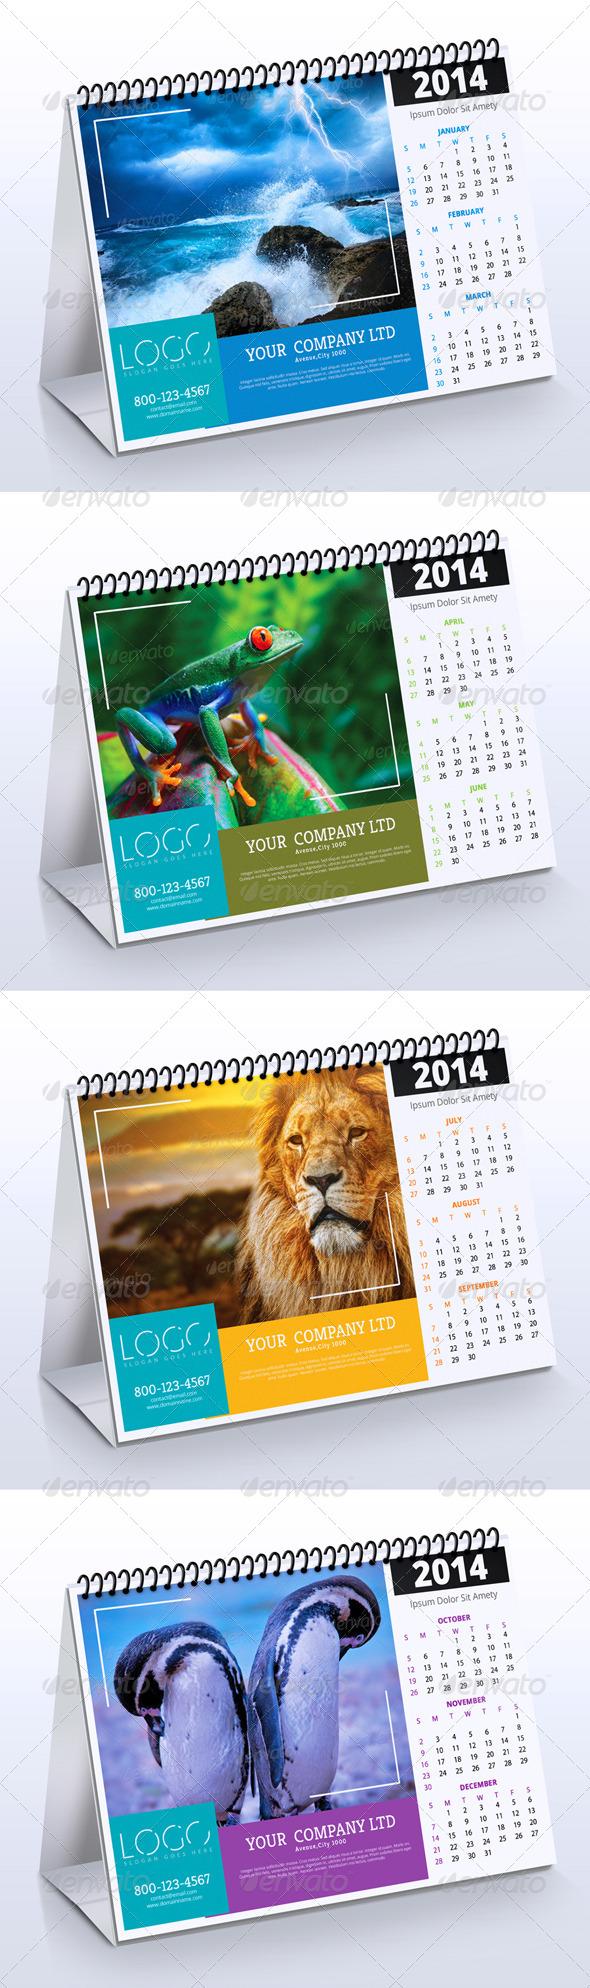 GraphicRiver 2014 Desk Calendar Vol.2 6307146